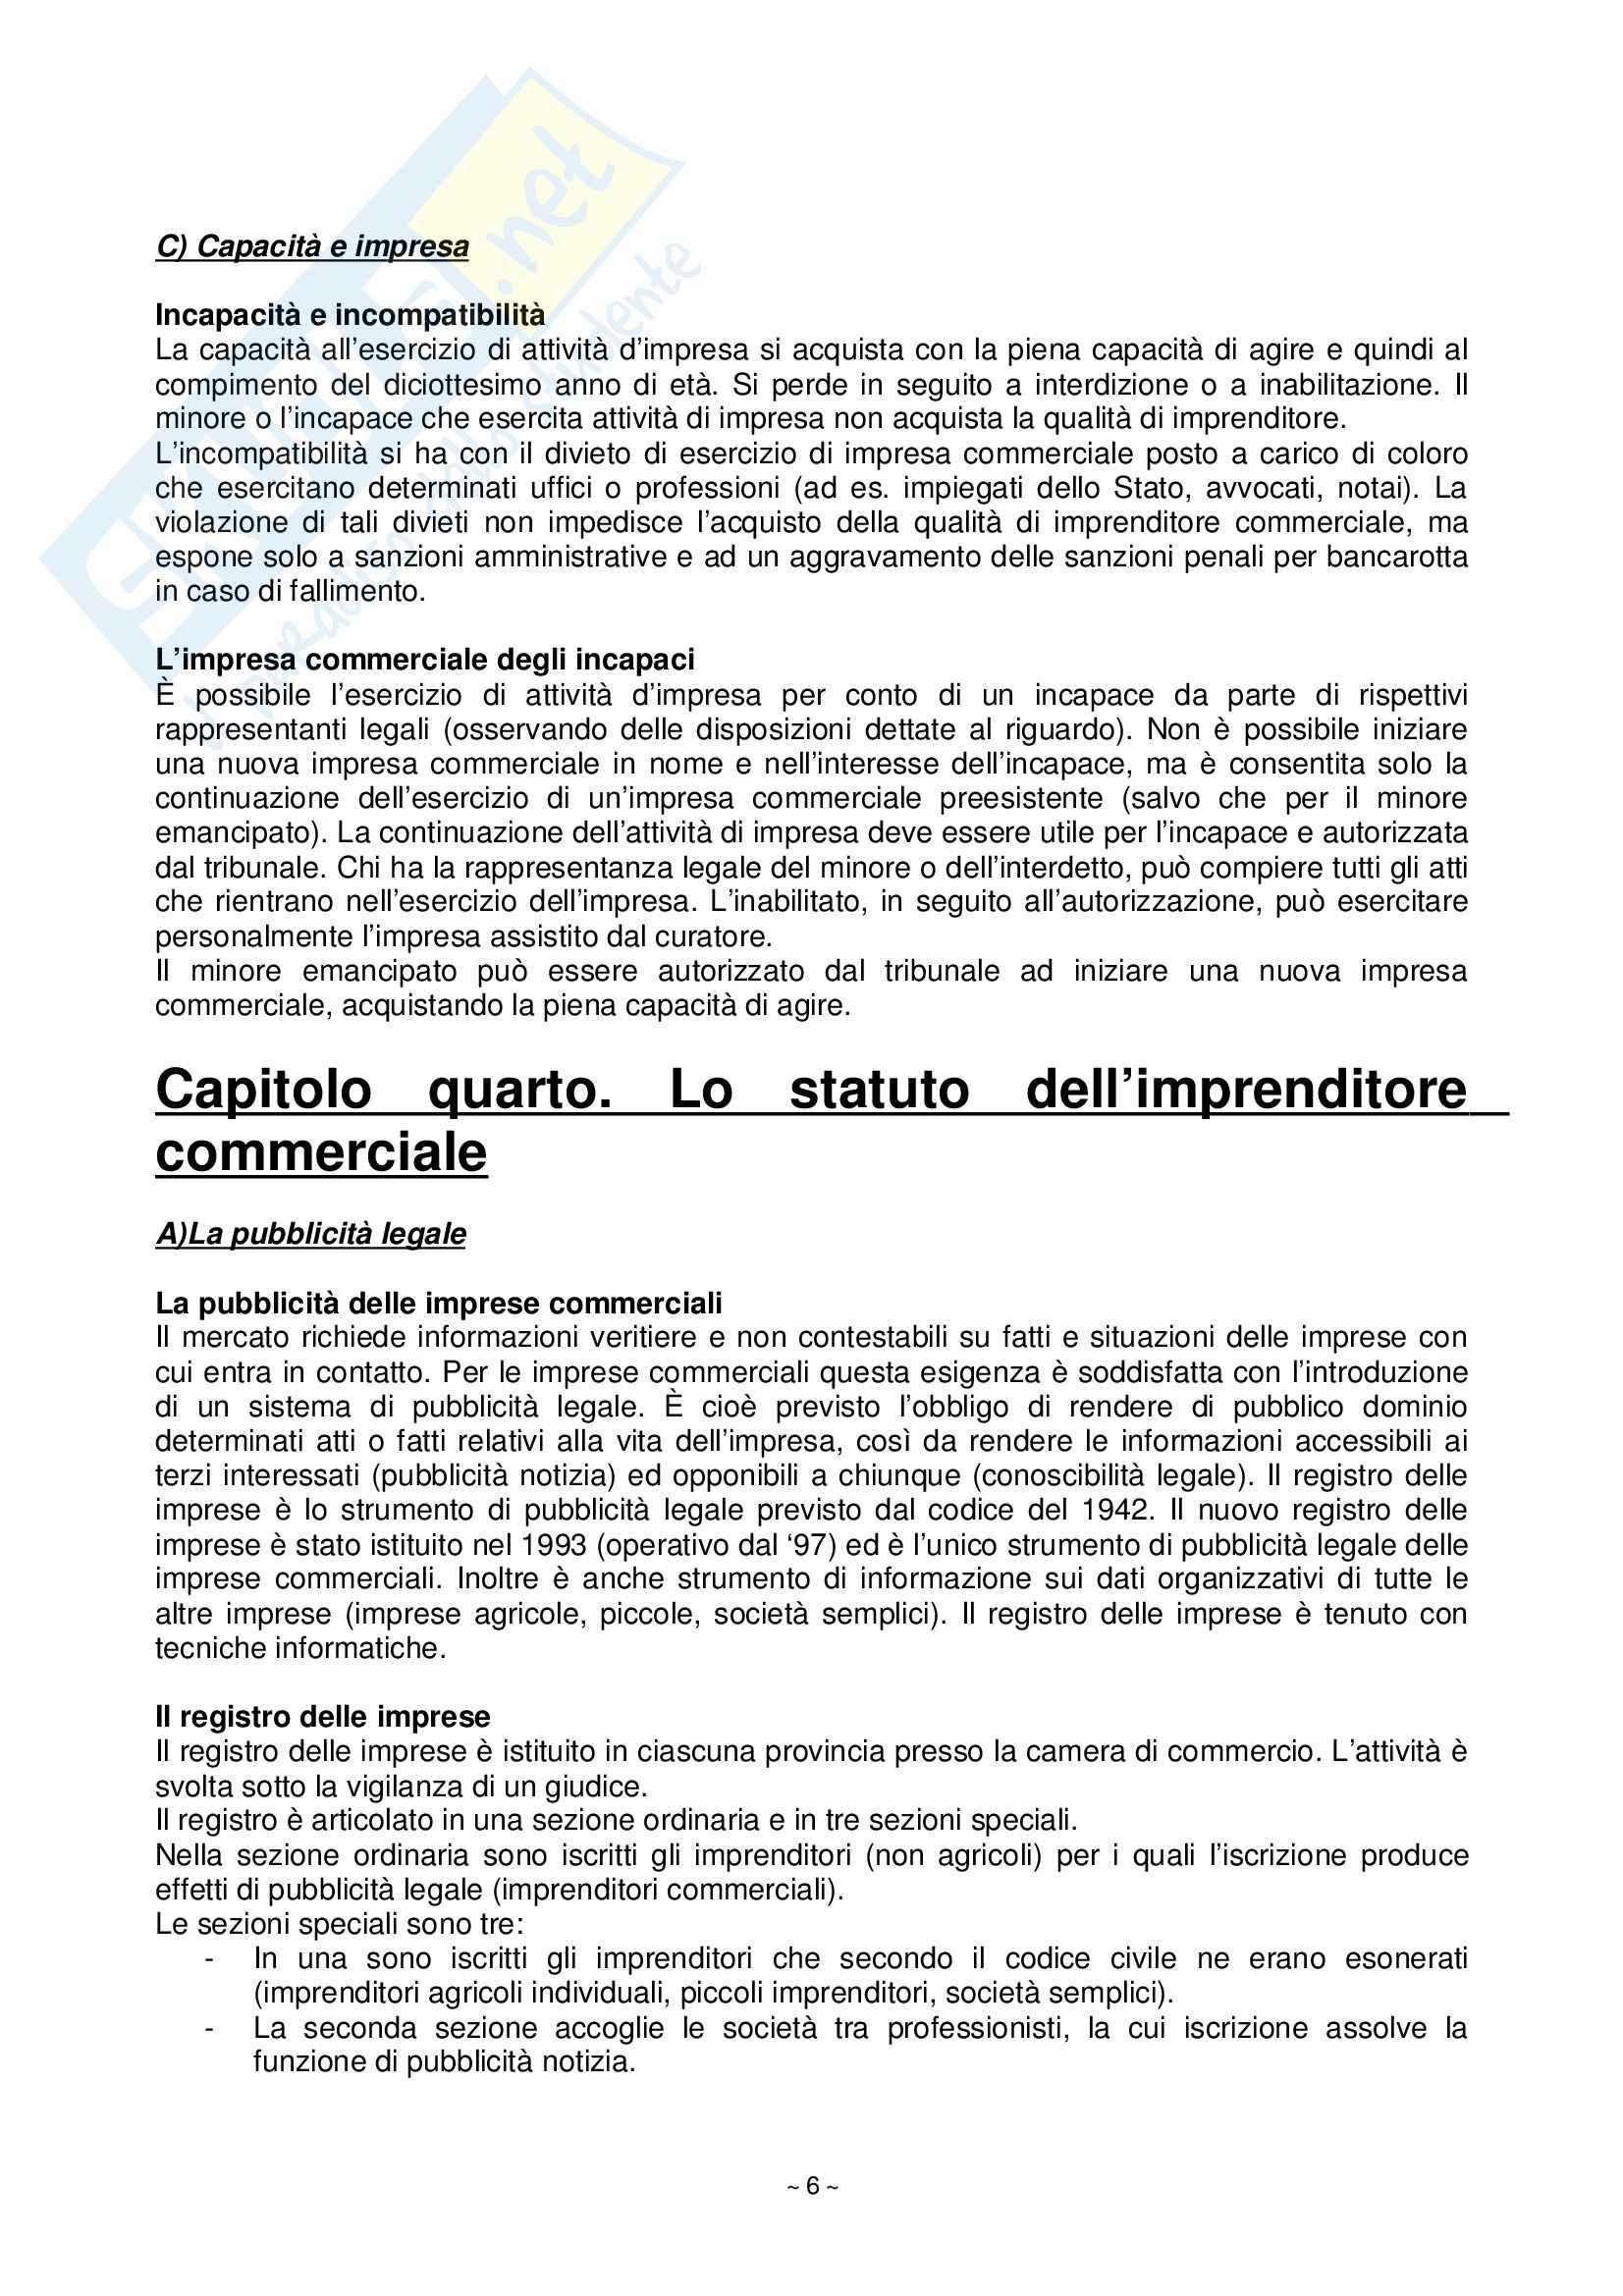 Riassunto esame Diritto Commerciale, prof. Fortunato, libro consigliato Manuale di Diritto Commerciale, Campobasso Pag. 6